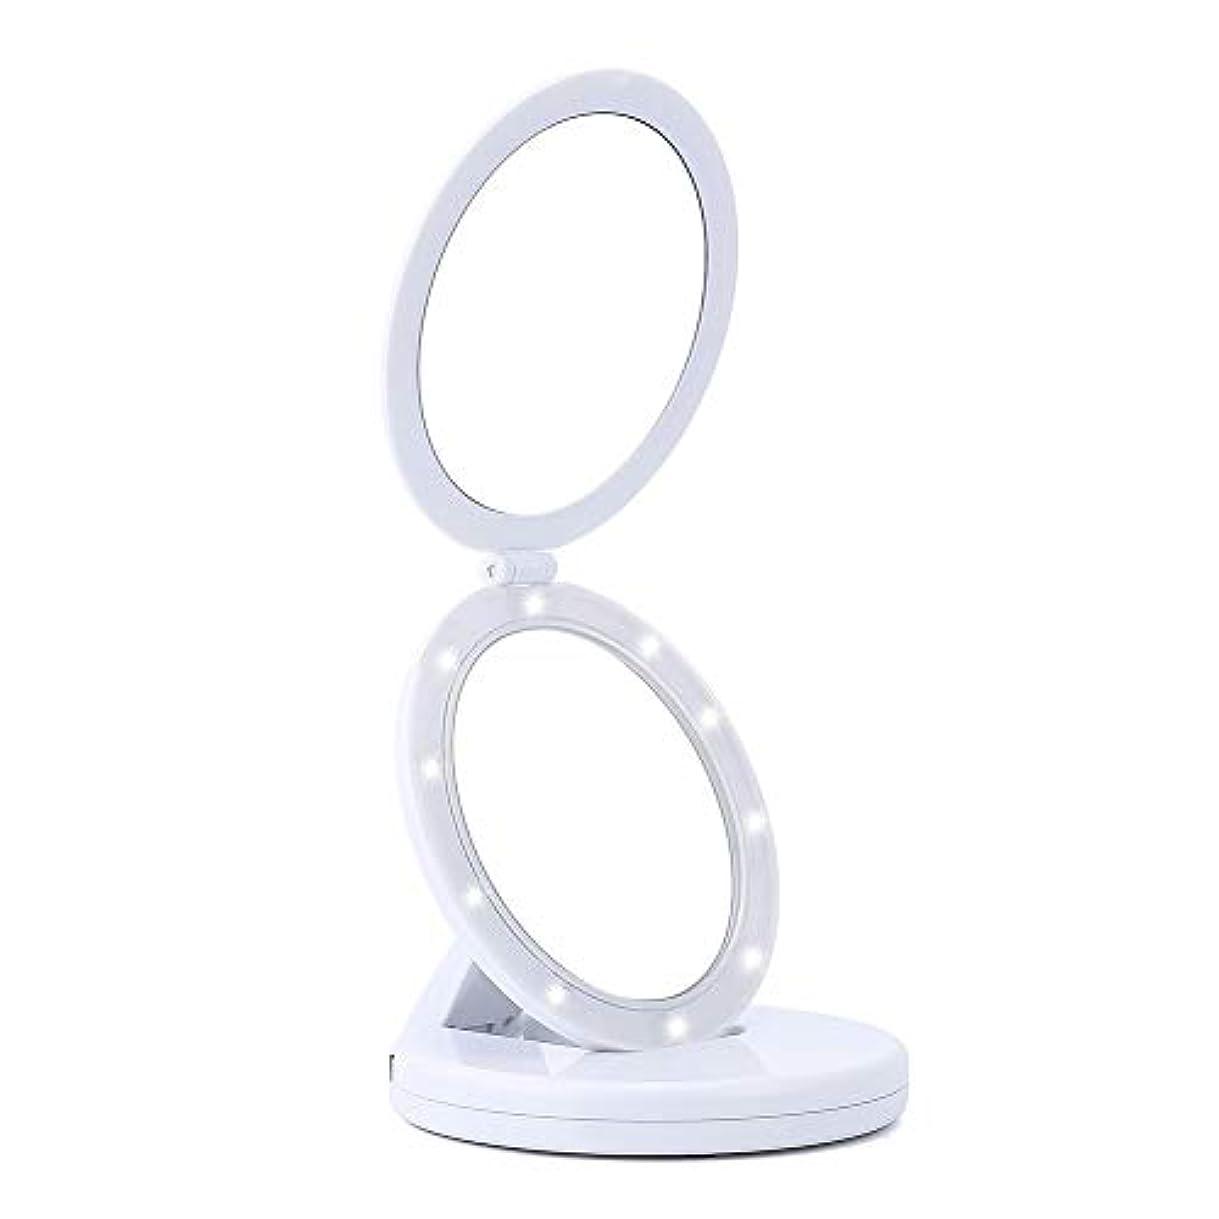 乱す妥協悪のASOSMOS コンパクト鏡 女優ミラー 折りたたみ式 5倍拡大鏡 LEDライト付き 卓上 化粧ミラー 円形 携帯用 USB給電 メイクミラー